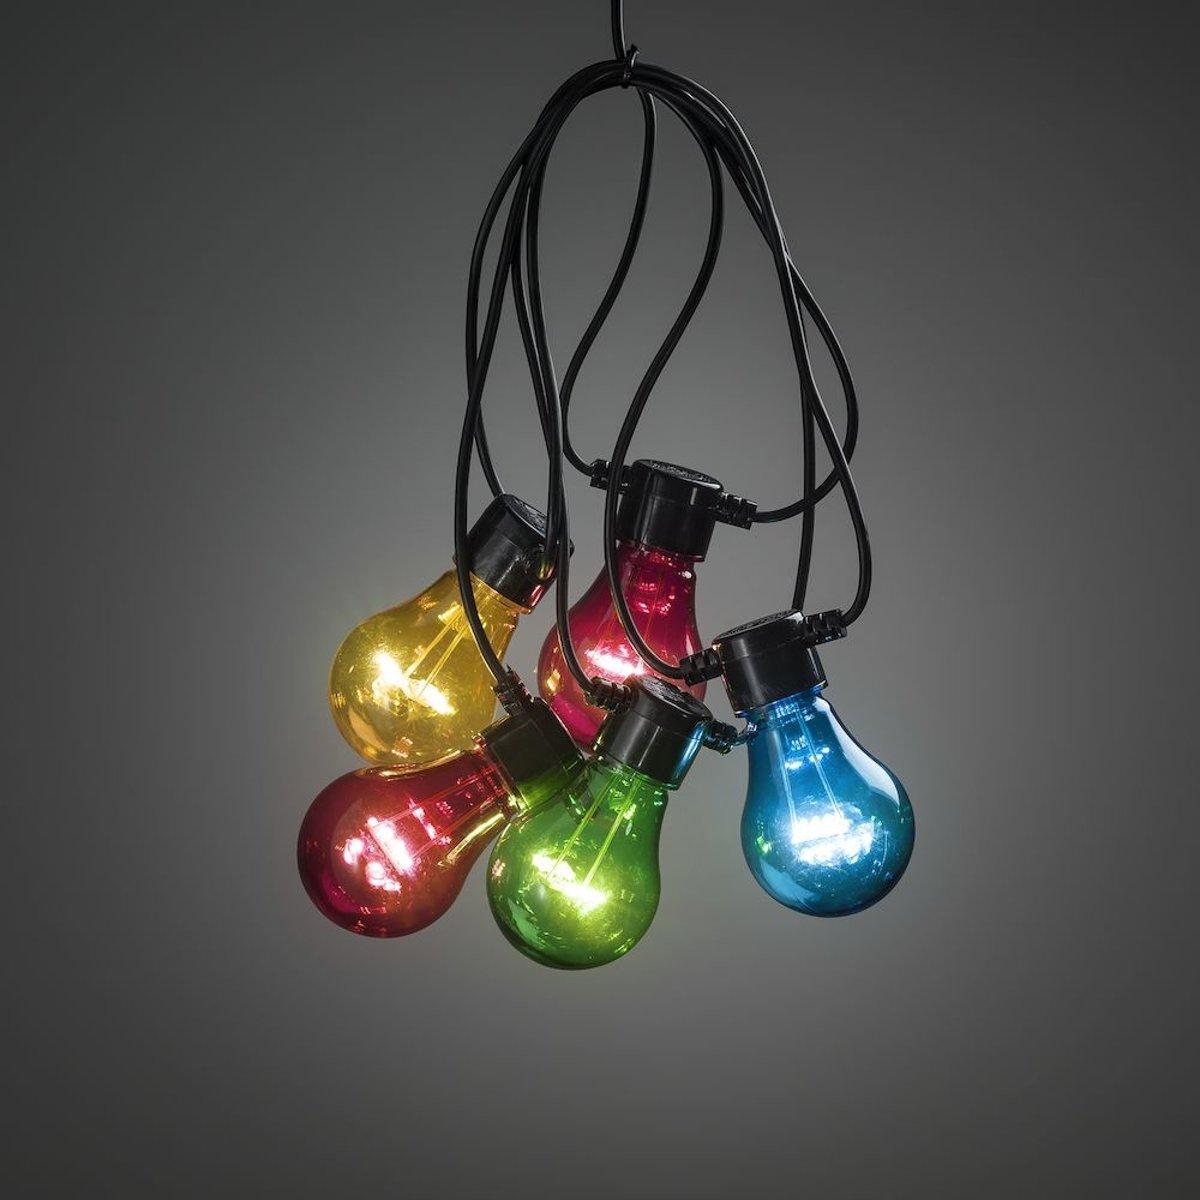 Konstsmide 2396 - Feestverlichting  koppelbaar tot 40m - startsnoer 10 lamps transp 80 LED - 1000 cm - 24V - voor buiten - multicolor kopen